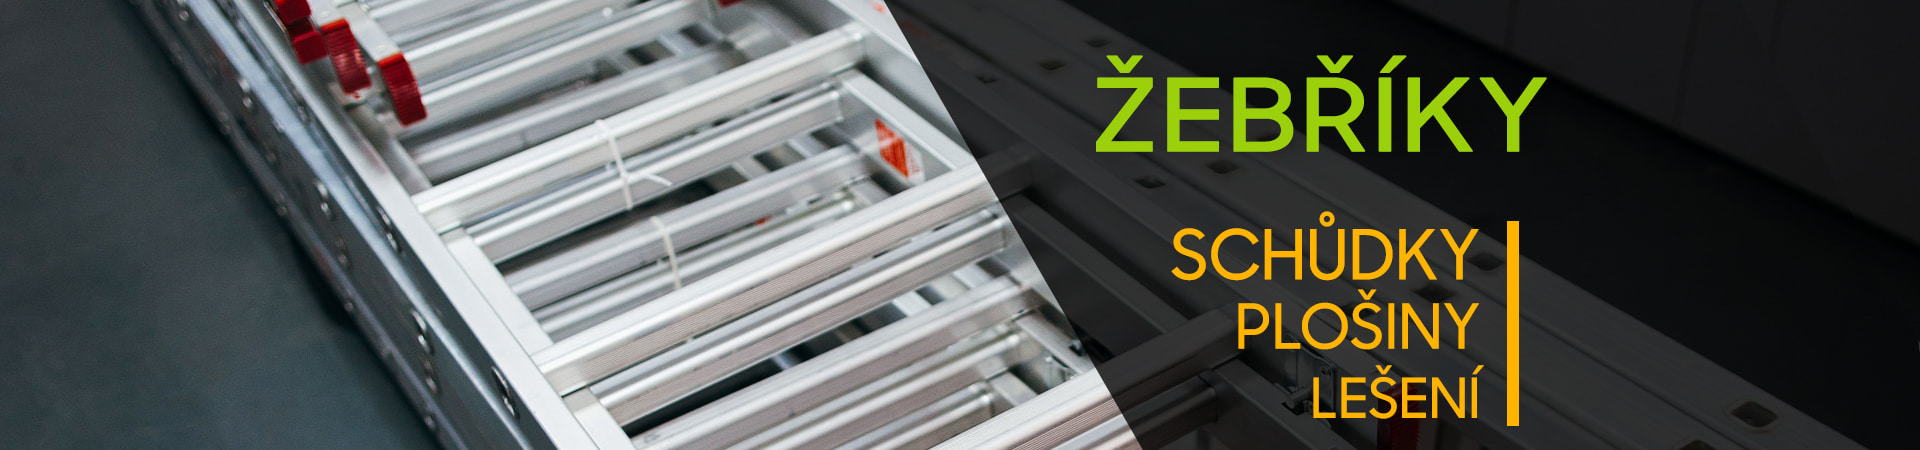 banner-zebriky